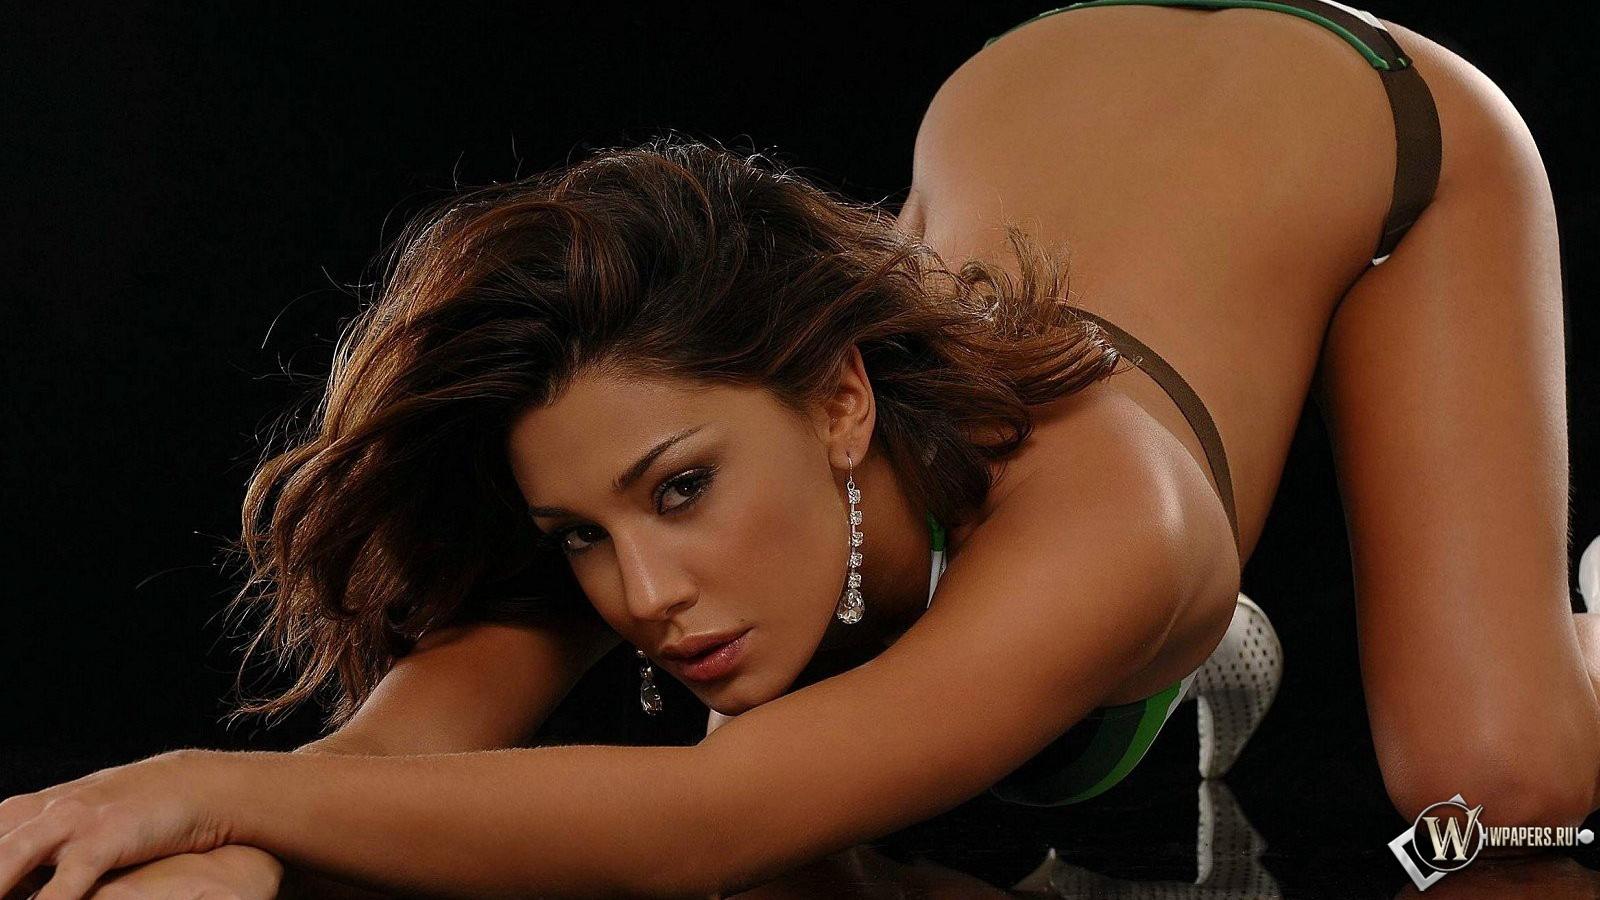 Белен Родригез (Belen Rodriguez) 1600x900